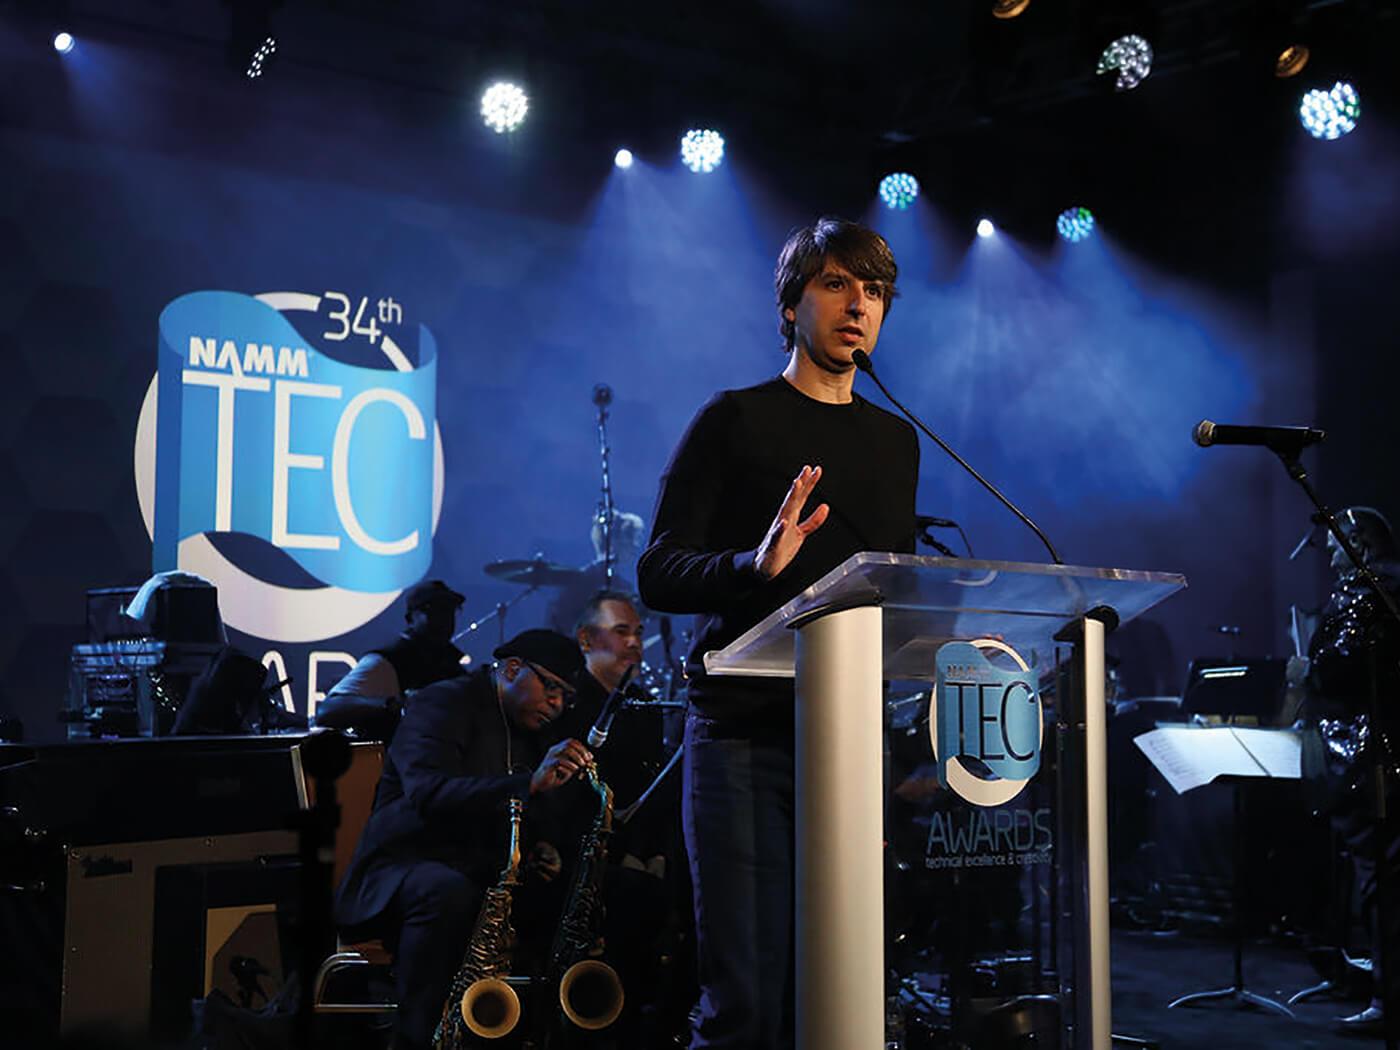 NAMM 2019, Tec Awards